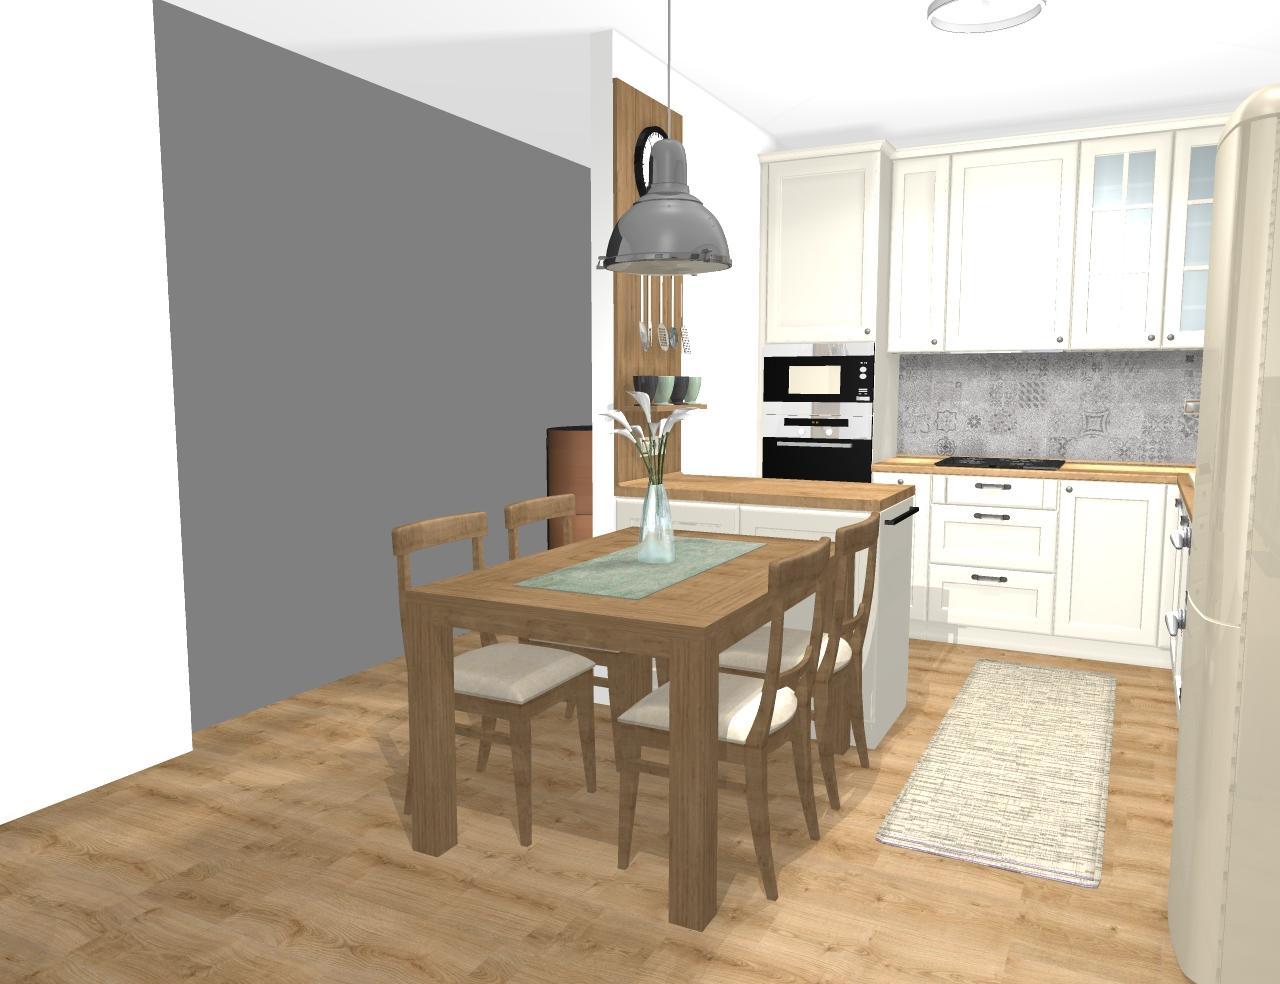 Grafické návrhy kuchynských liniek 2020 - Návrh kuchynskej linky do rodinného domu vo vidieckom štýle - obr.3